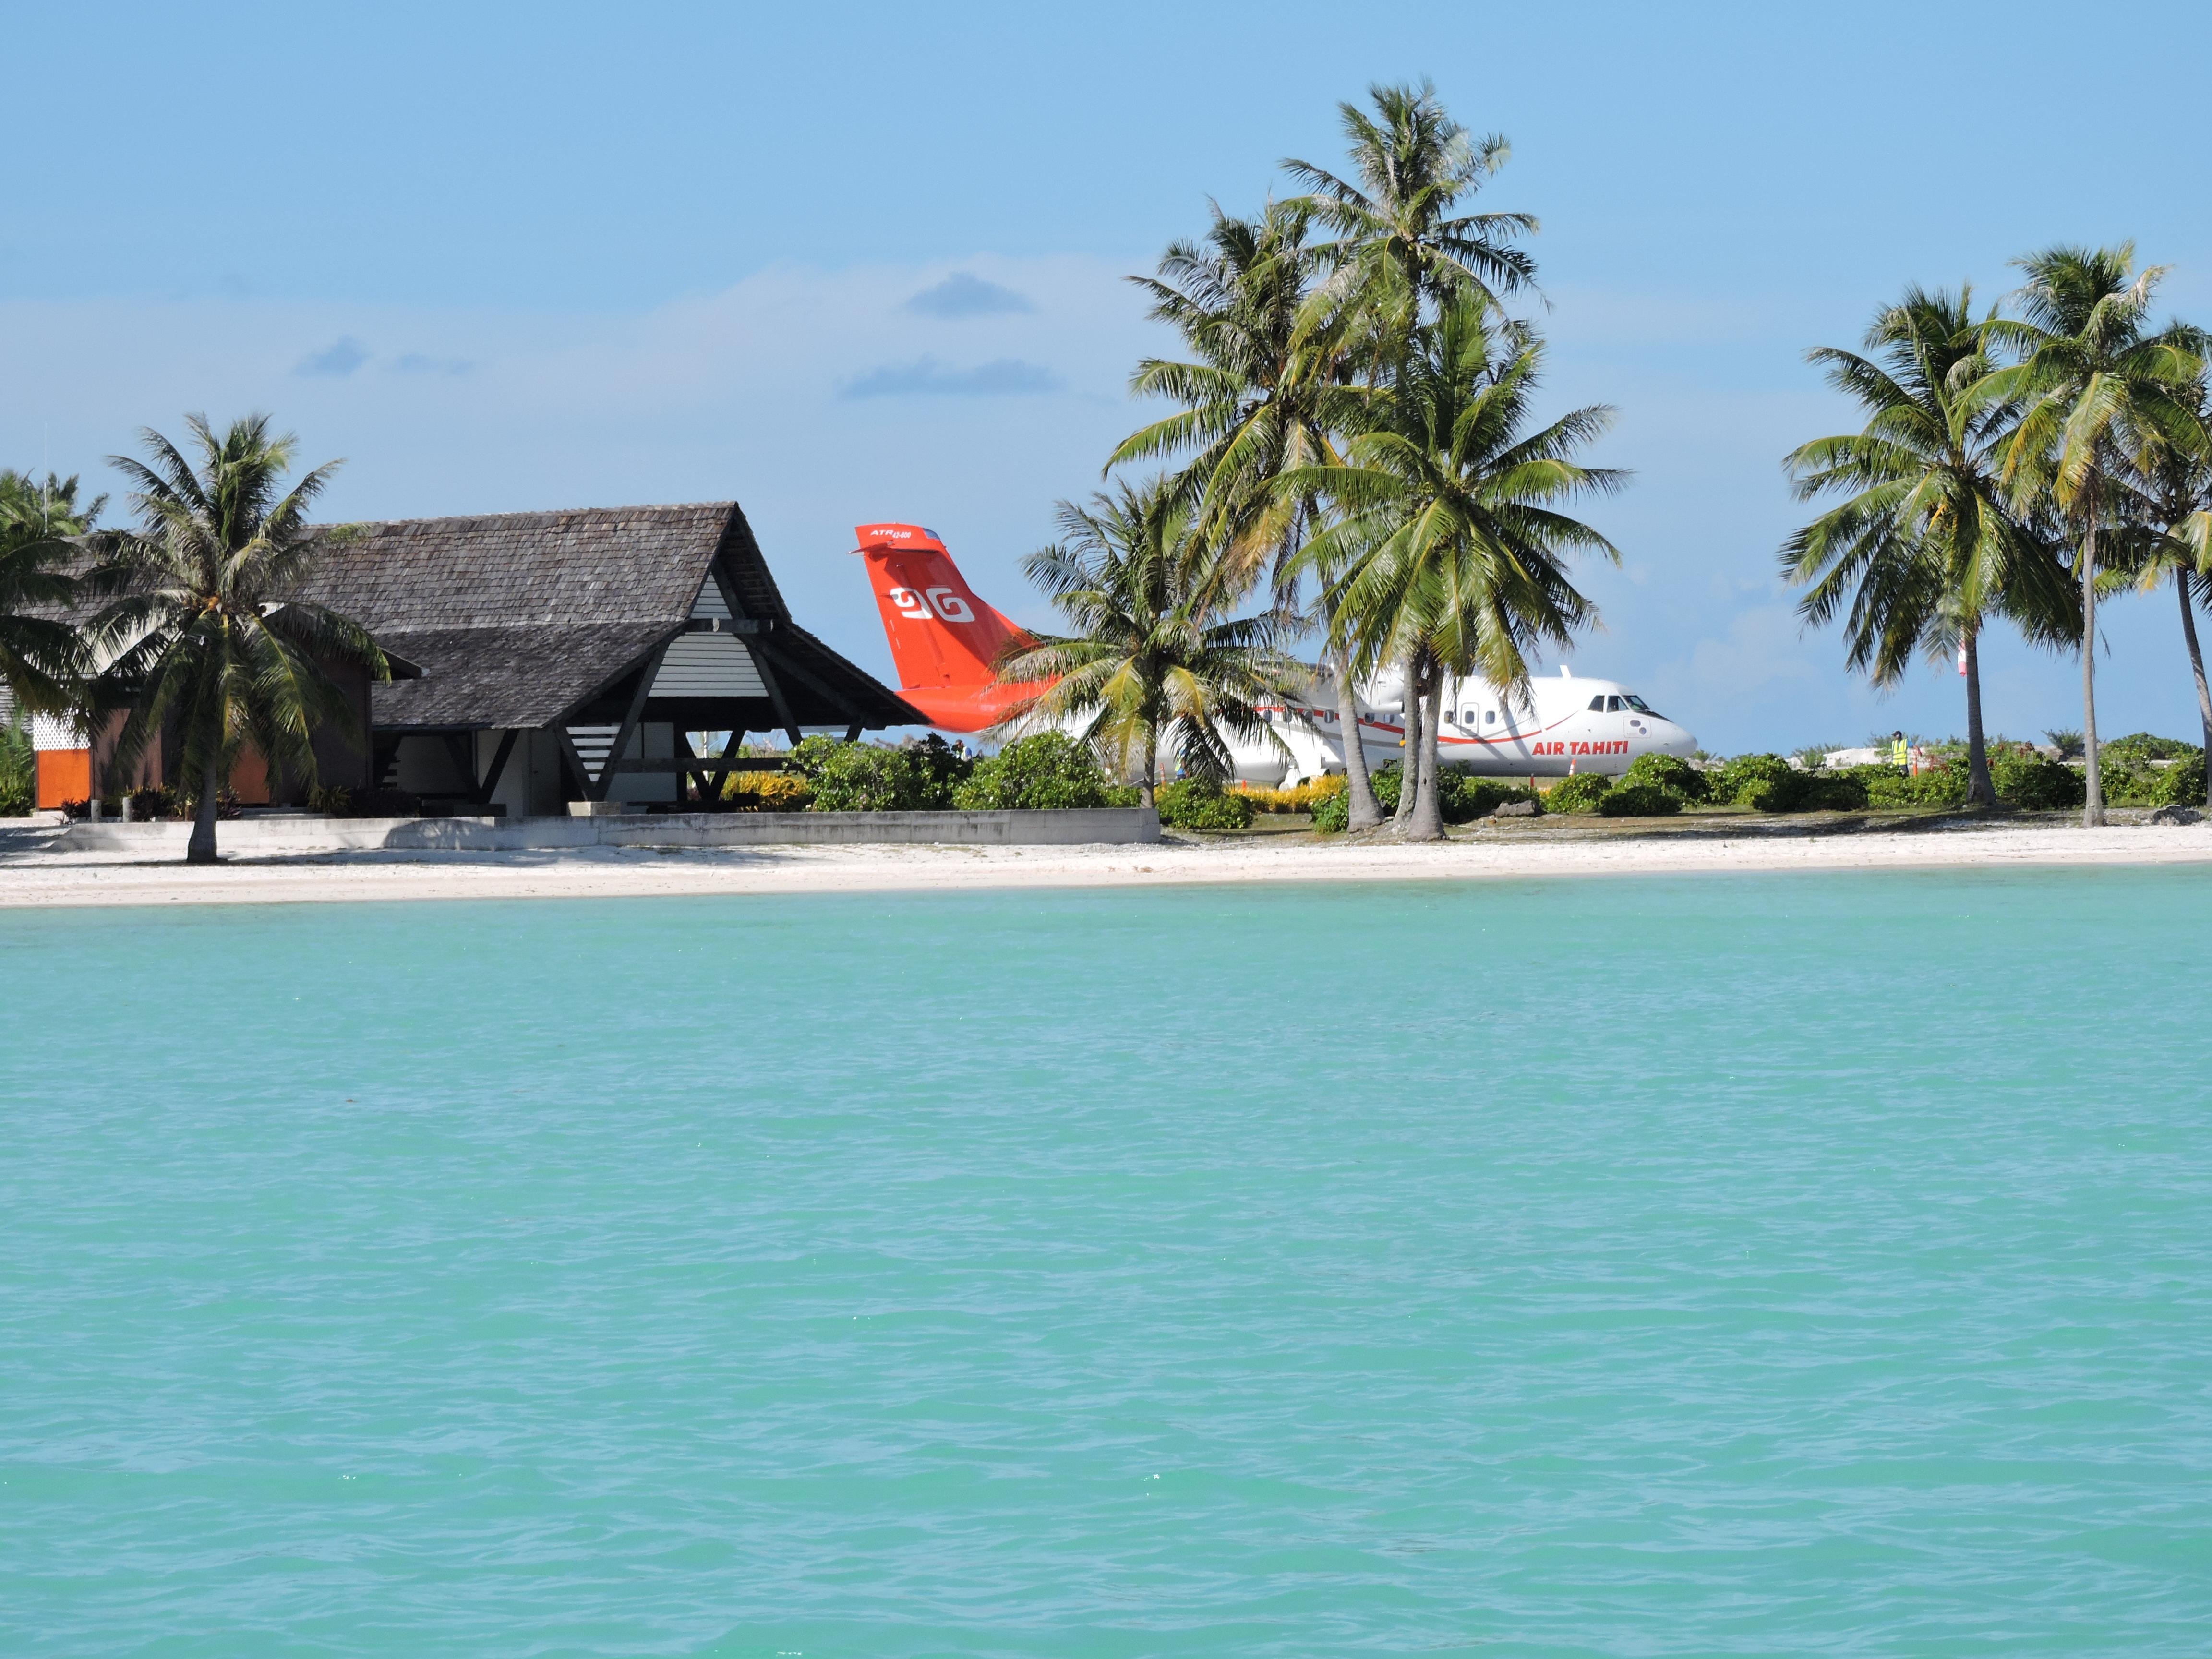 Acheter son billet pour les îles avec Air France ou ATN : mode d'emploi